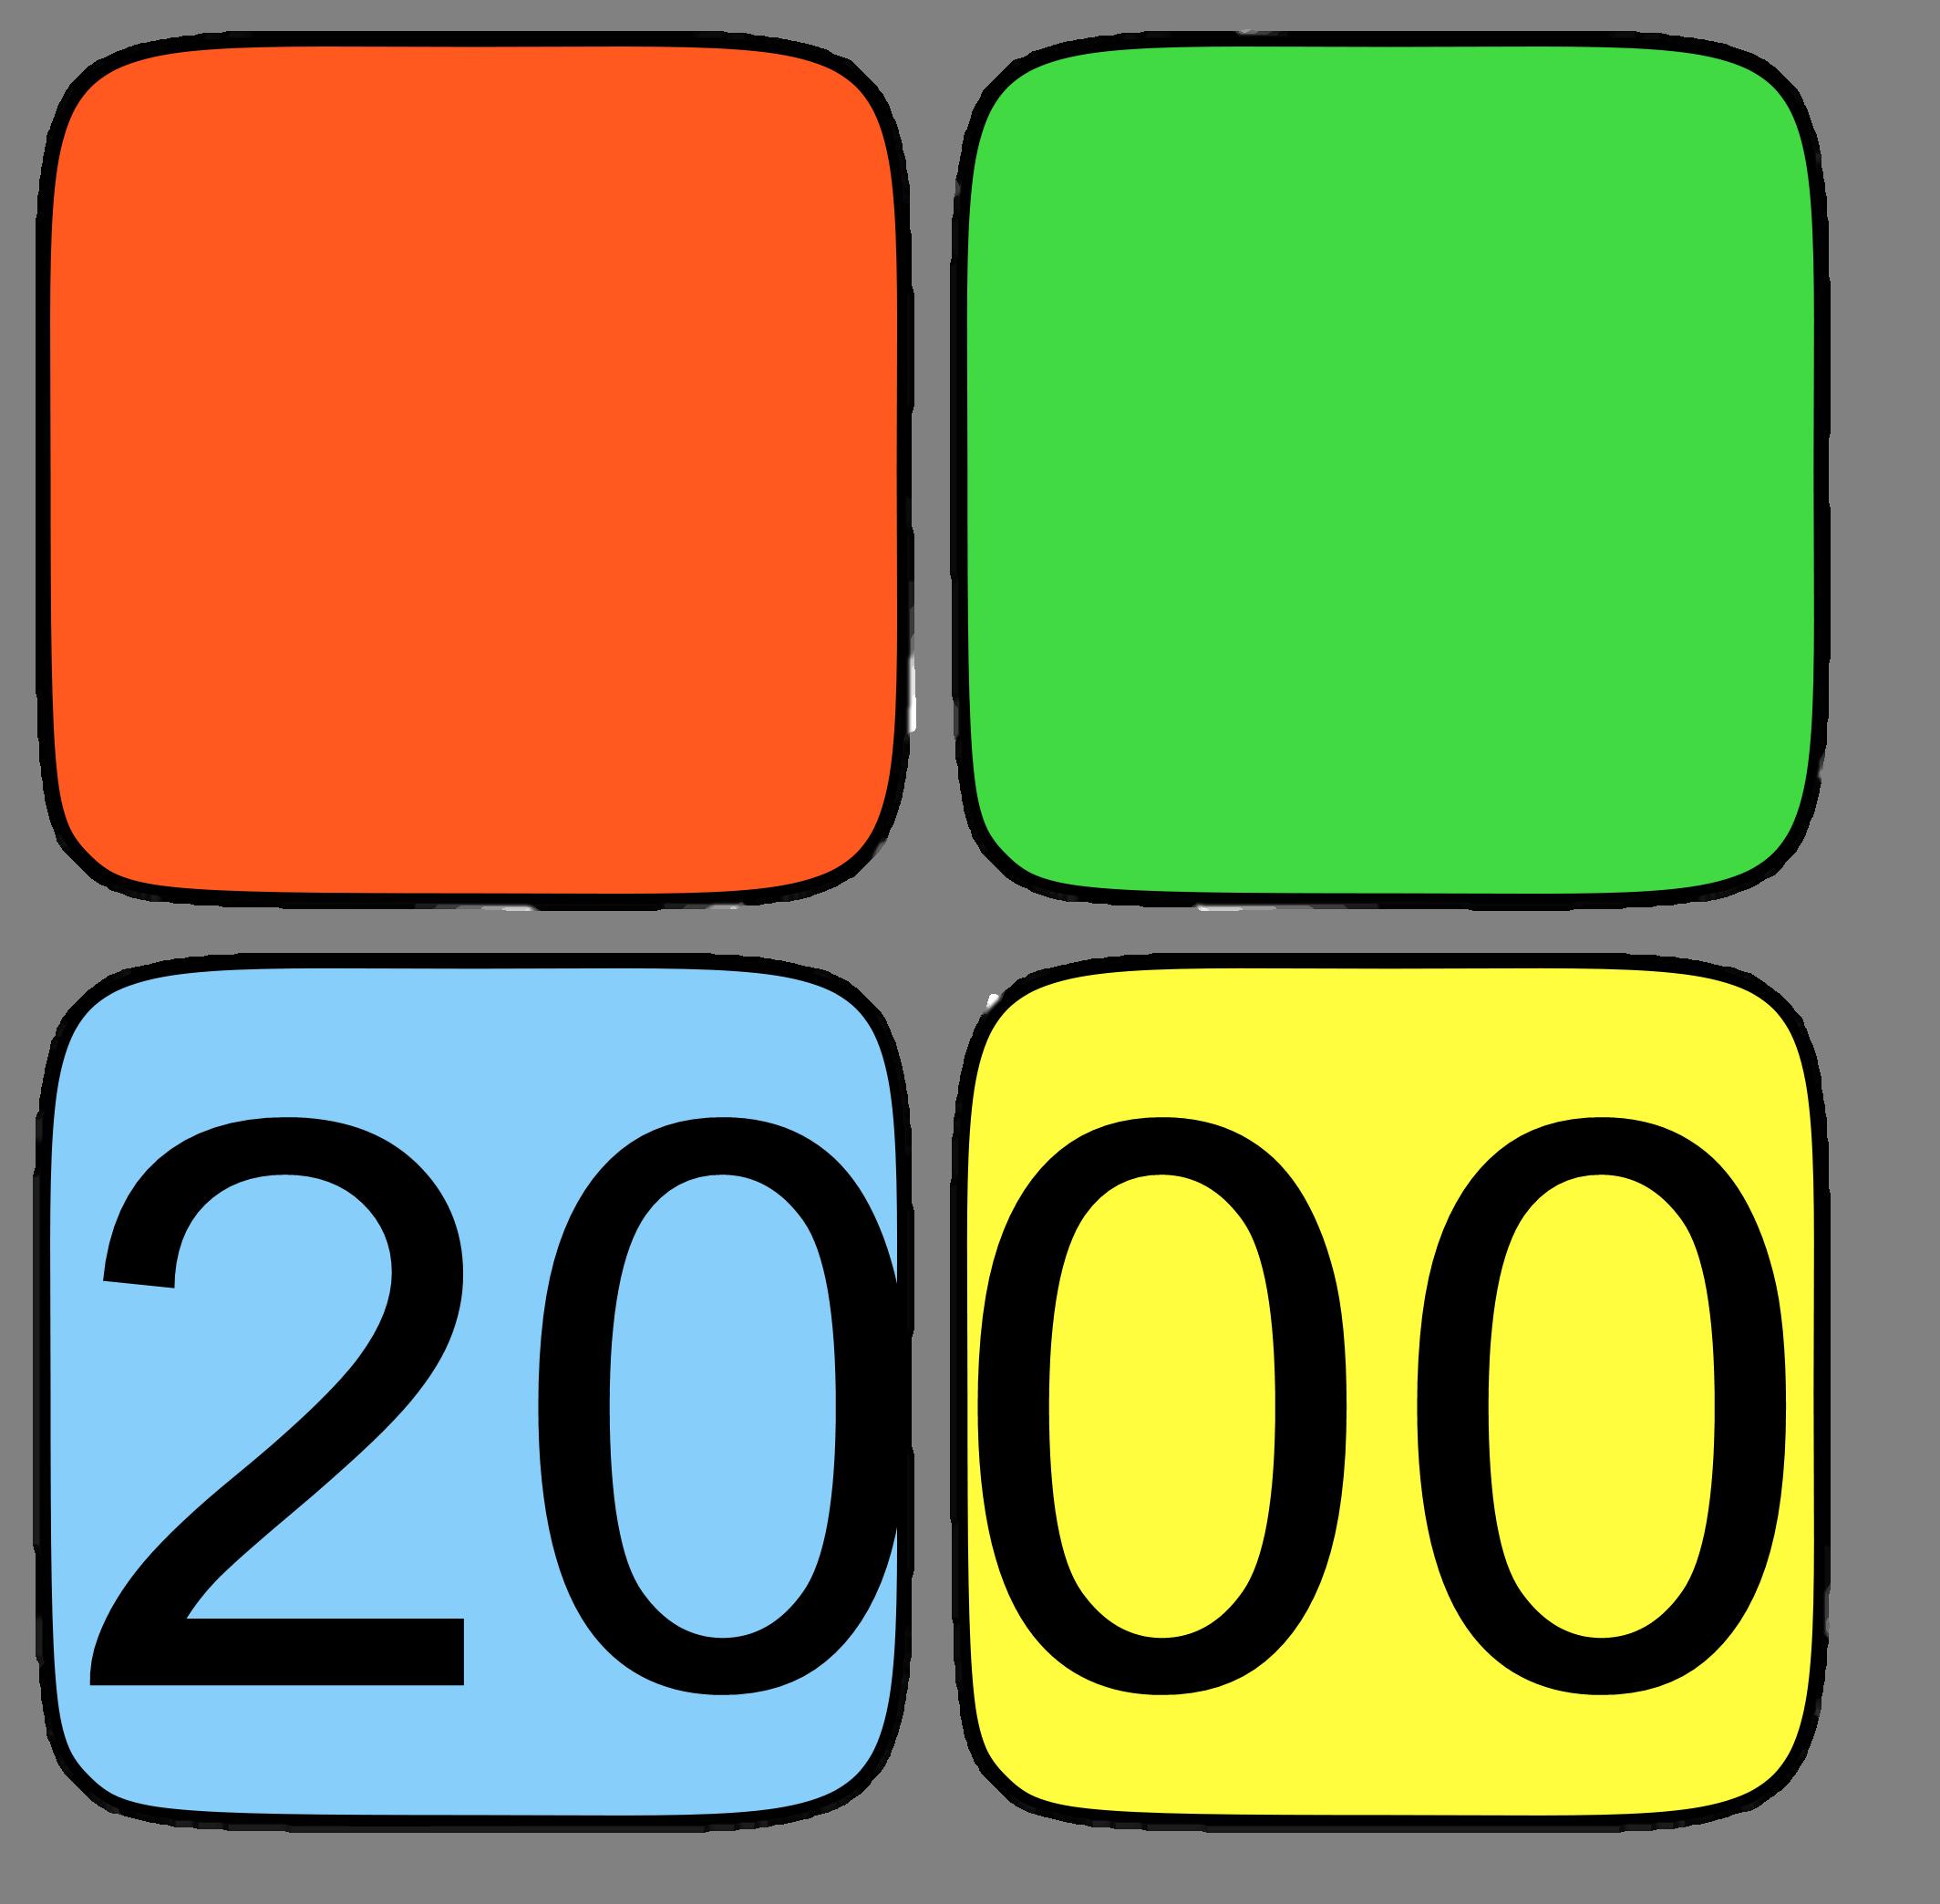 File:Own windows logo 2000.png.